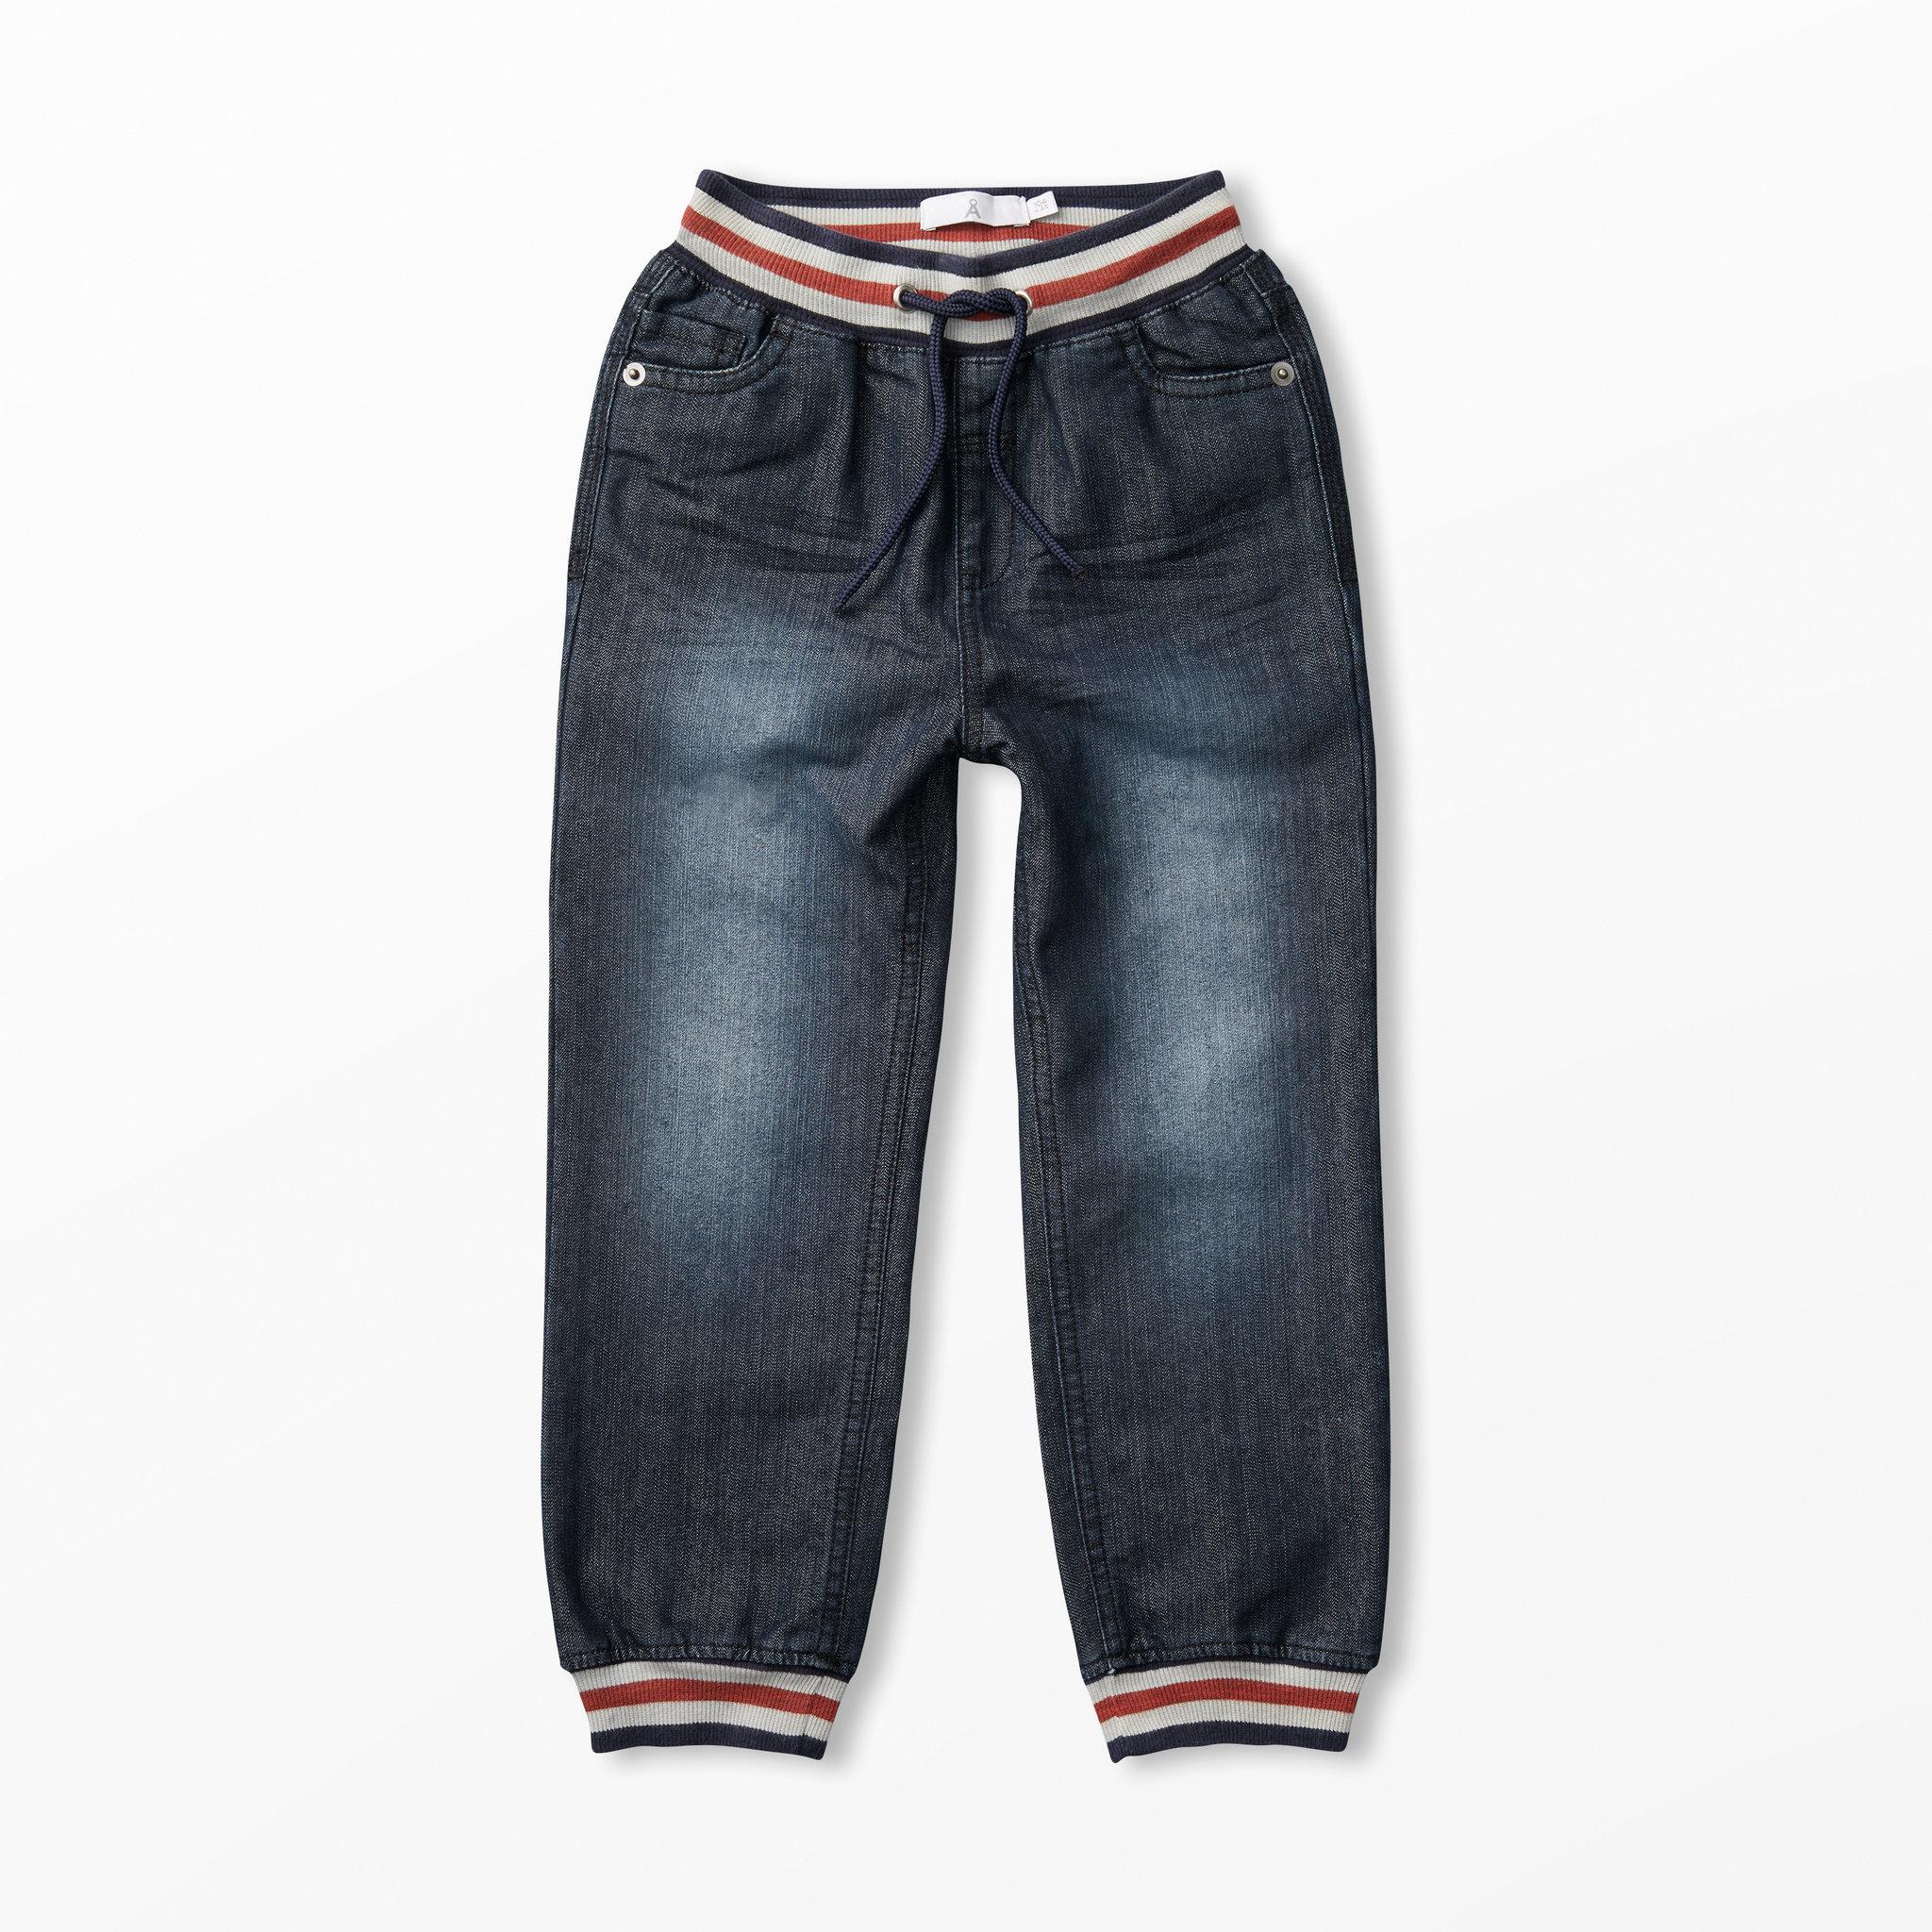 Jeans med knytresår - Barnkläder stl. 86-116 - Köp online på åhlens.se! 0a4cf3bcbe5f8